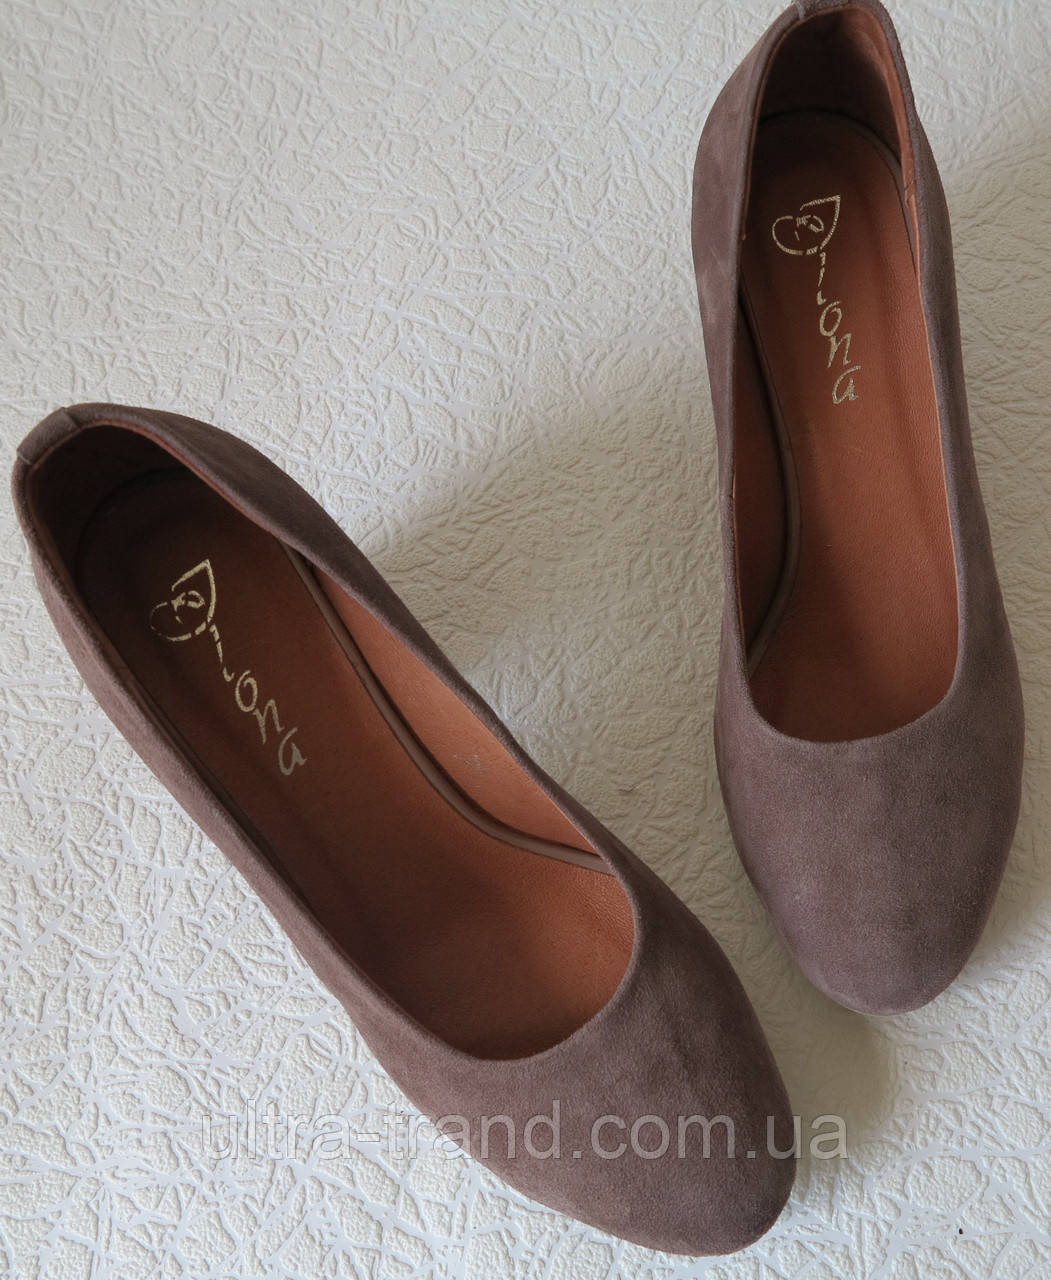 f25045af3 Женские классические замшевые туфли цвета какао на каблуке 7,5 см - Интернет